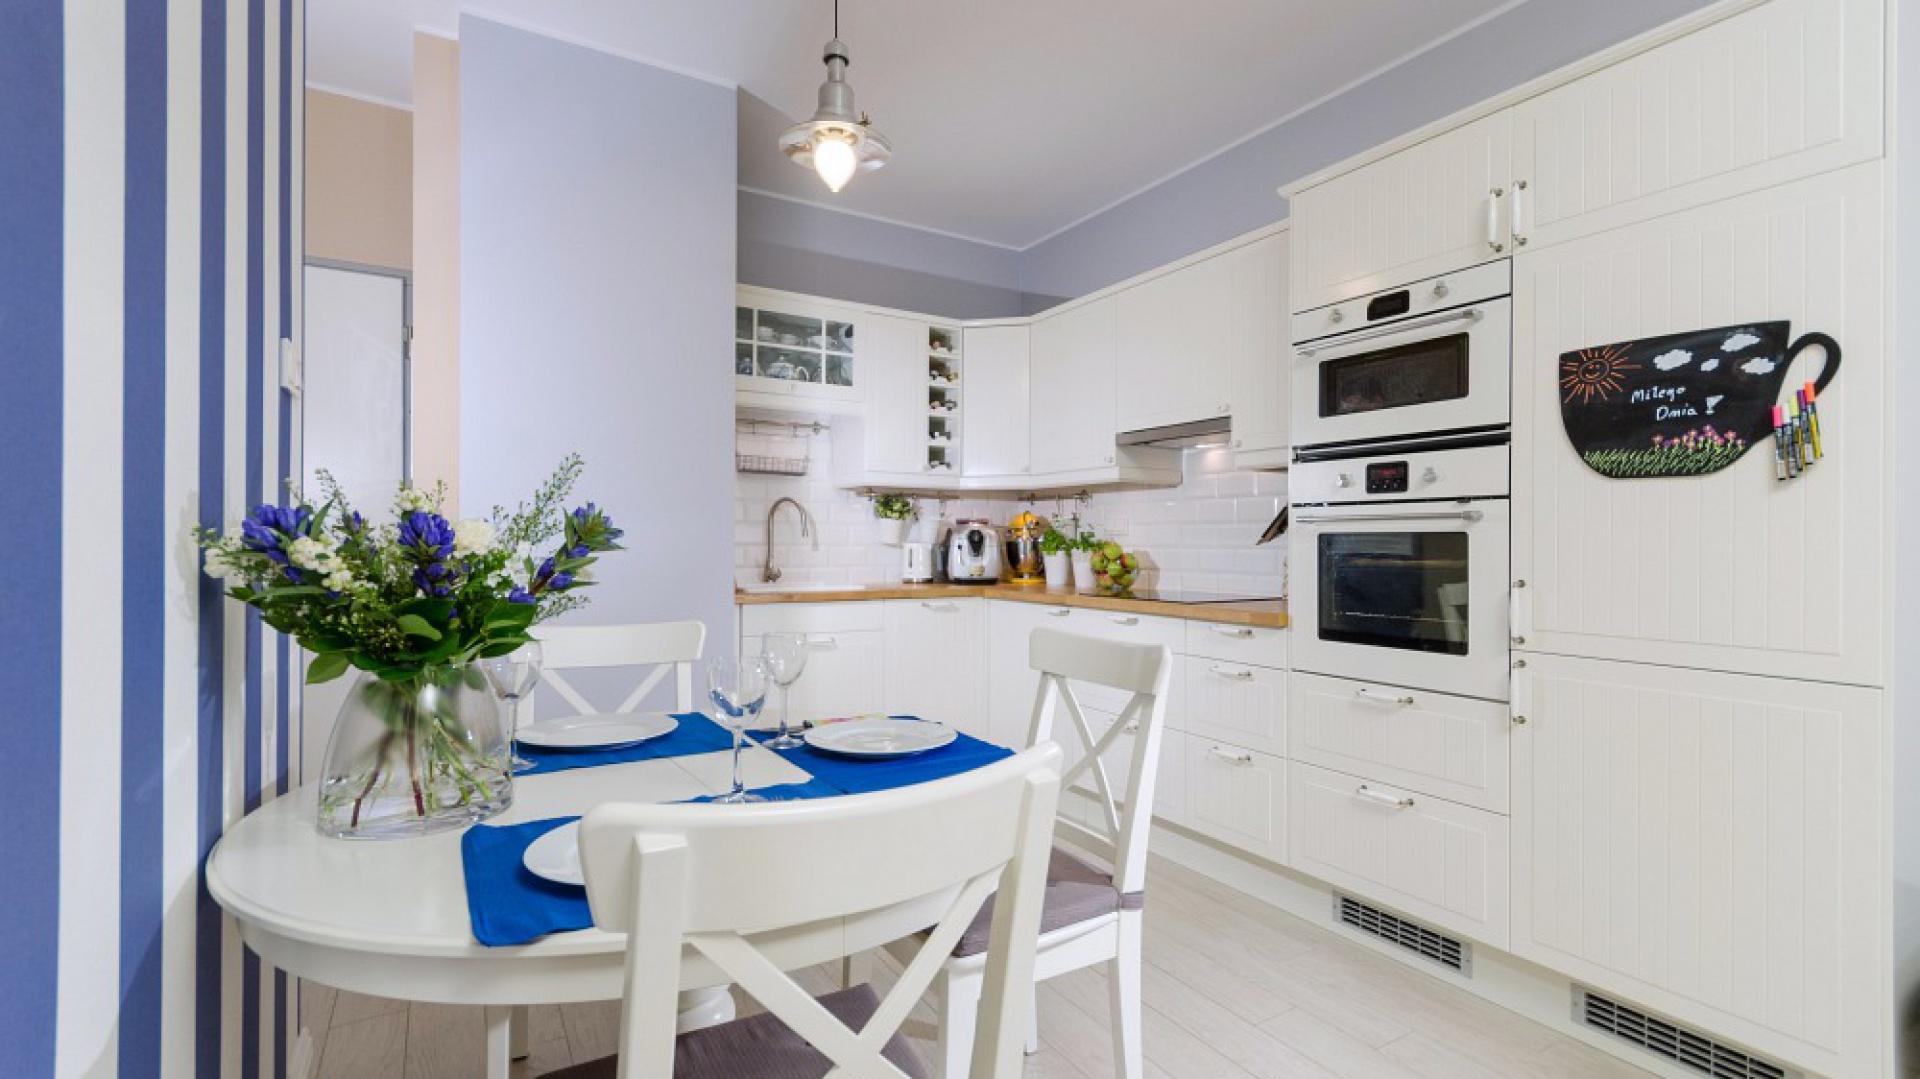 bialo-niebieska kuchnia.jpg